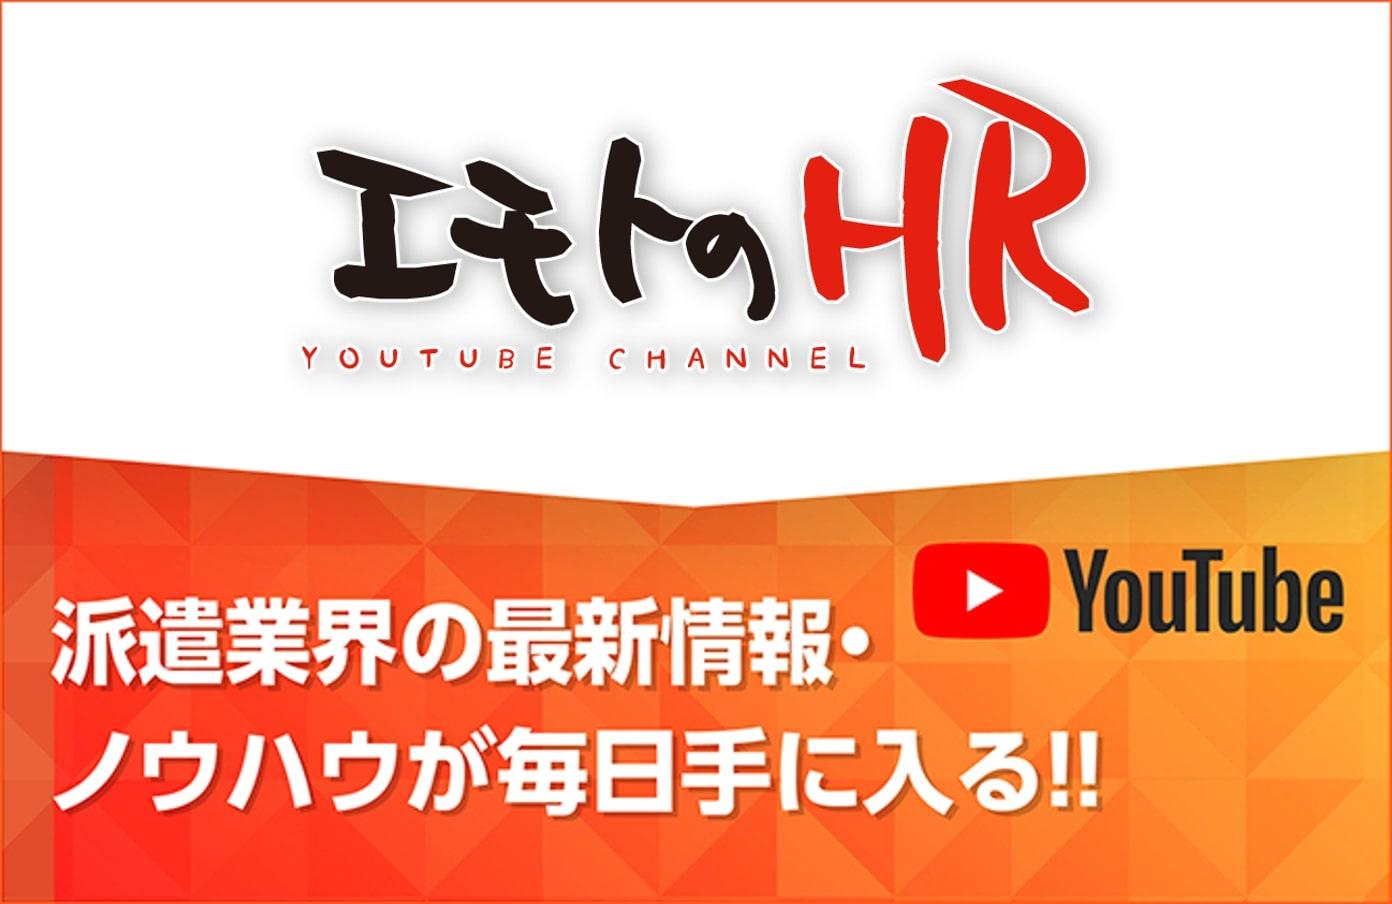 HRチャンネル